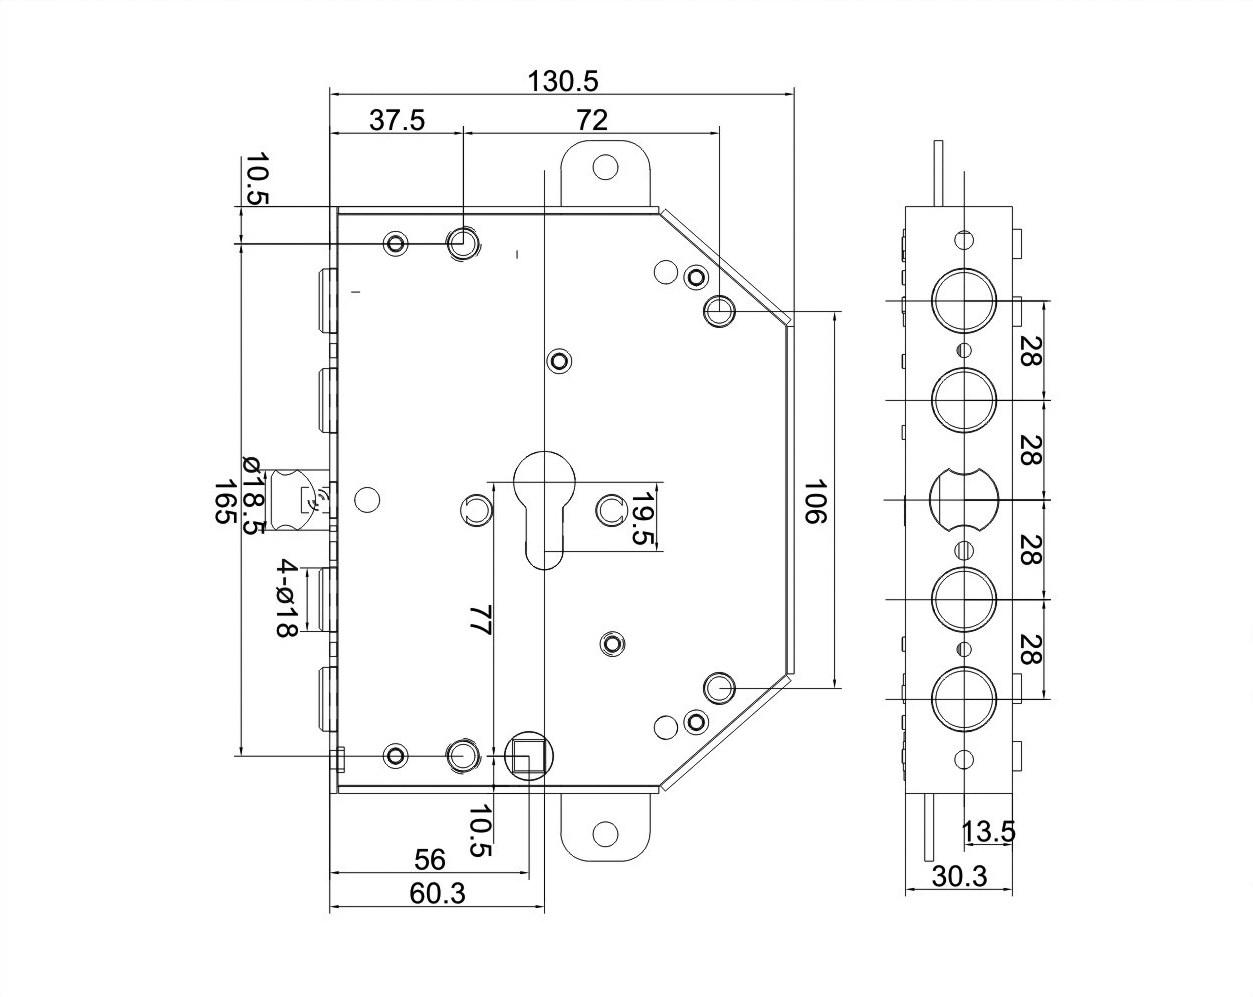 serratura triplice a mandate con scrocco centrale 4 pistoni